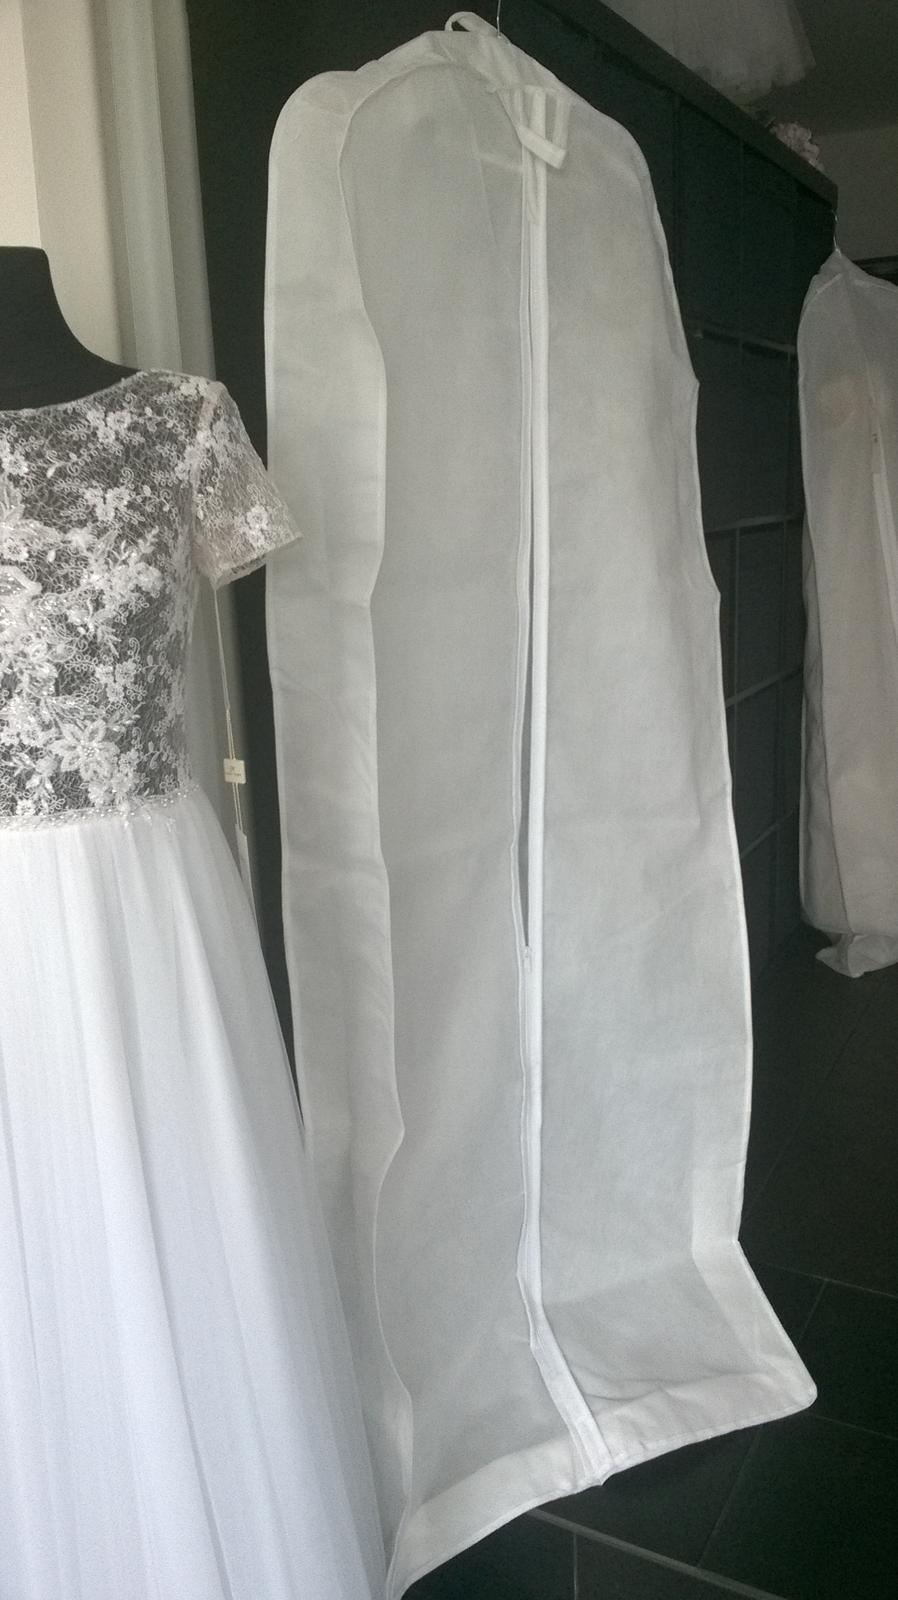 Vyrábíme kvalitní vaky na svatební šaty - Obrázek č. 1